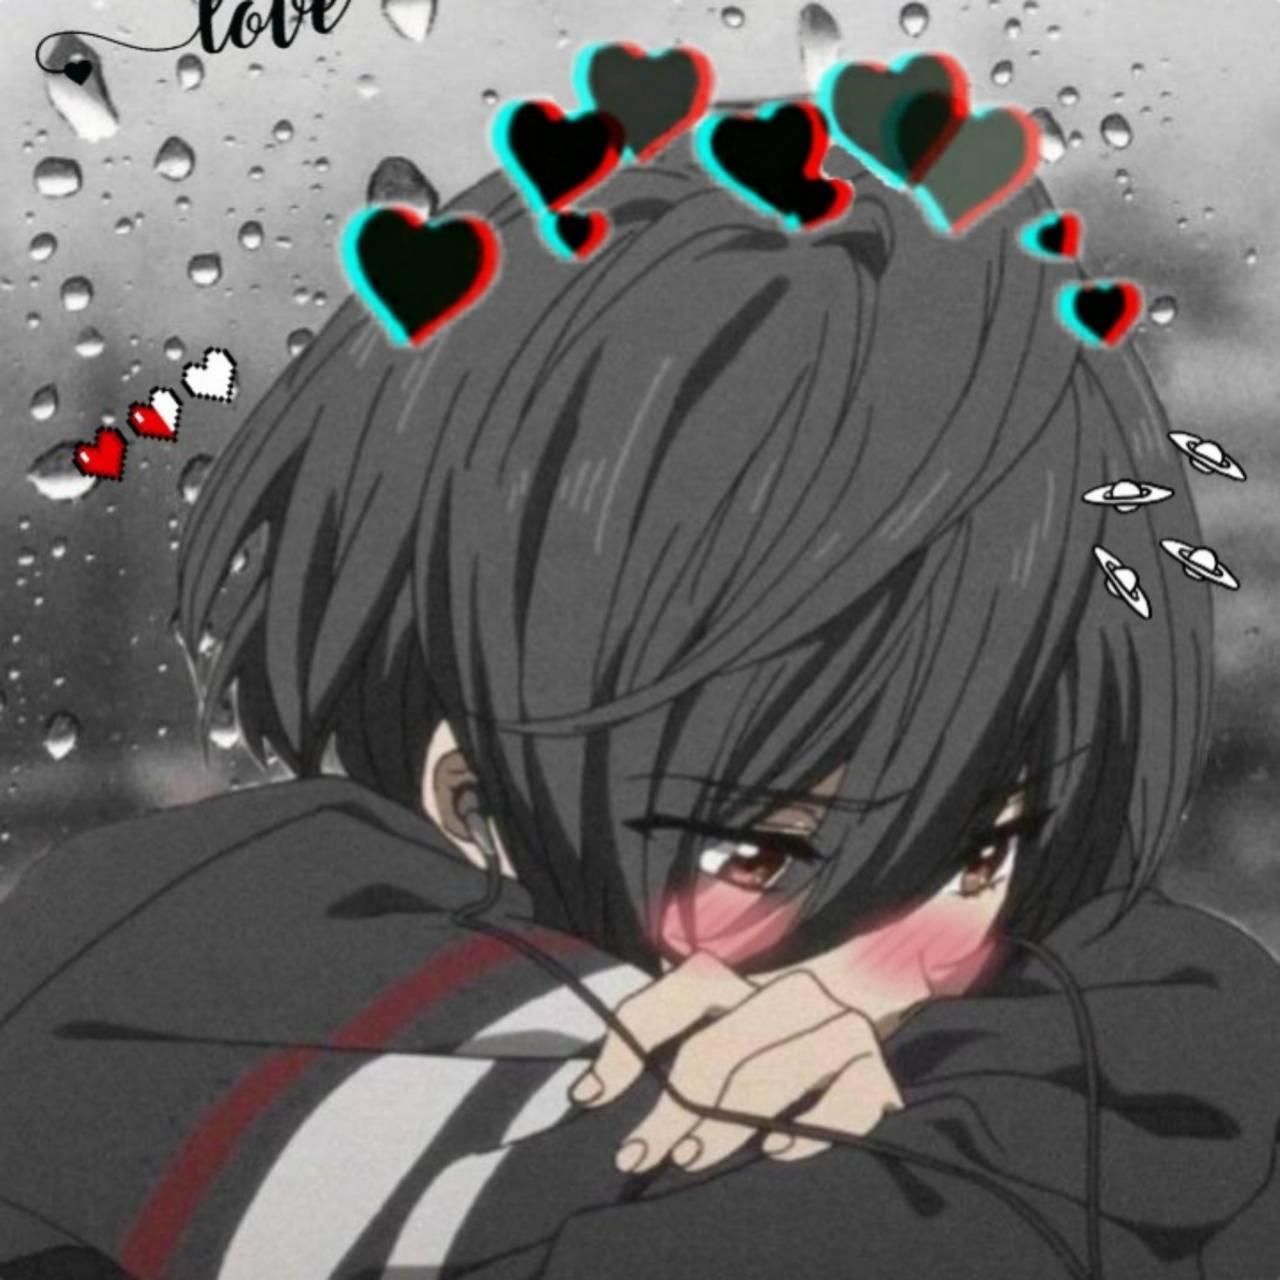 Pembahasan kali ini tentang gambar anime dengan judul 19+ info baru gambar anime sad girl. Download Latest Sad Whatsapp Dp Profile Pictures